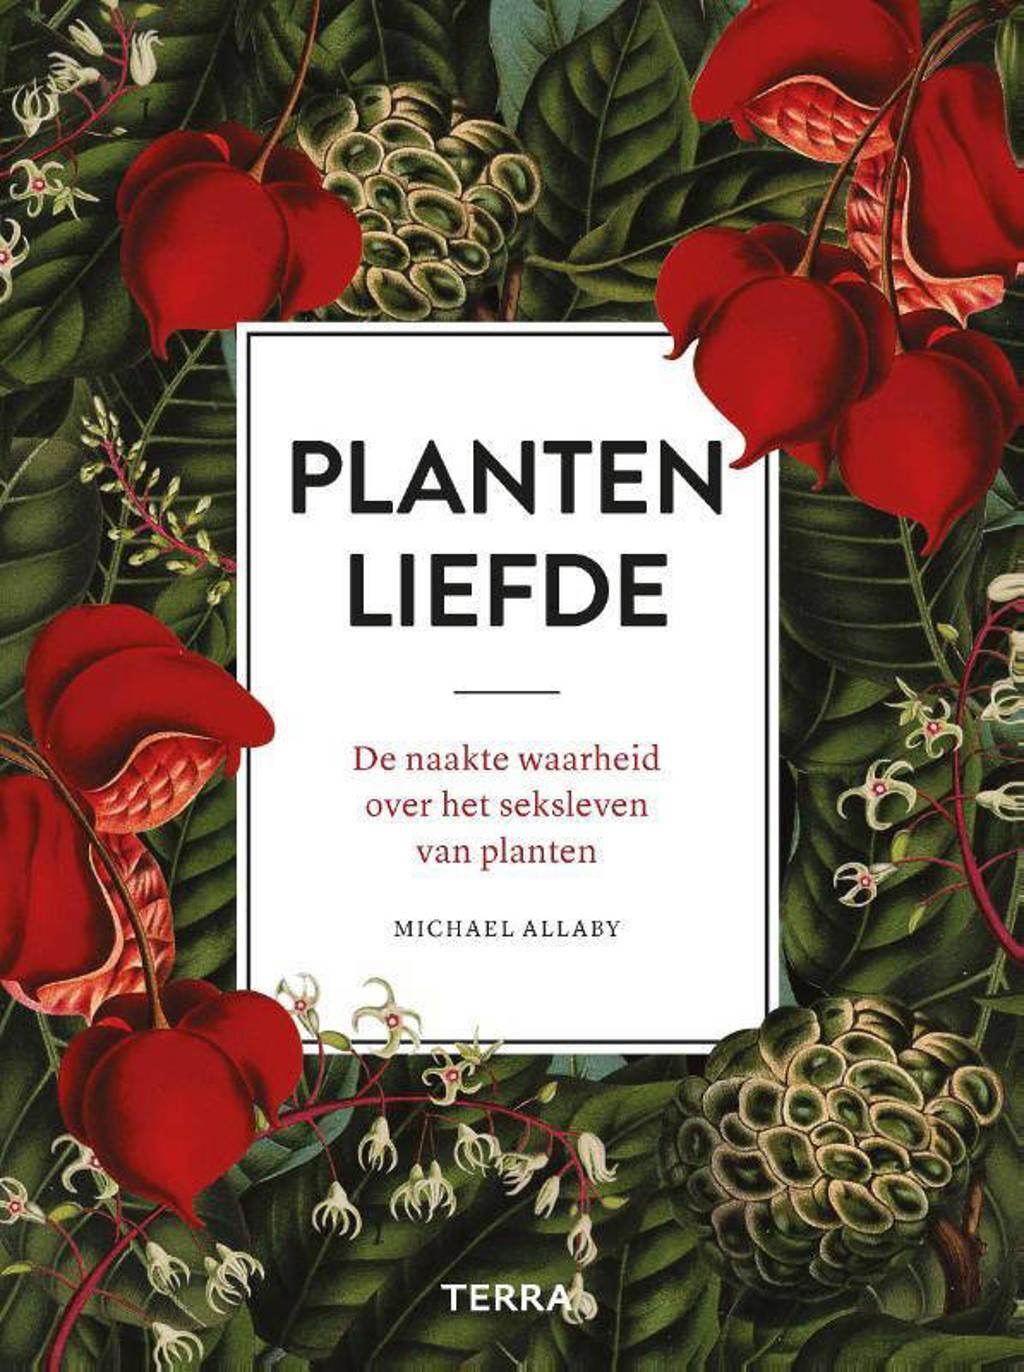 Plantenliefde - Michael Allaby